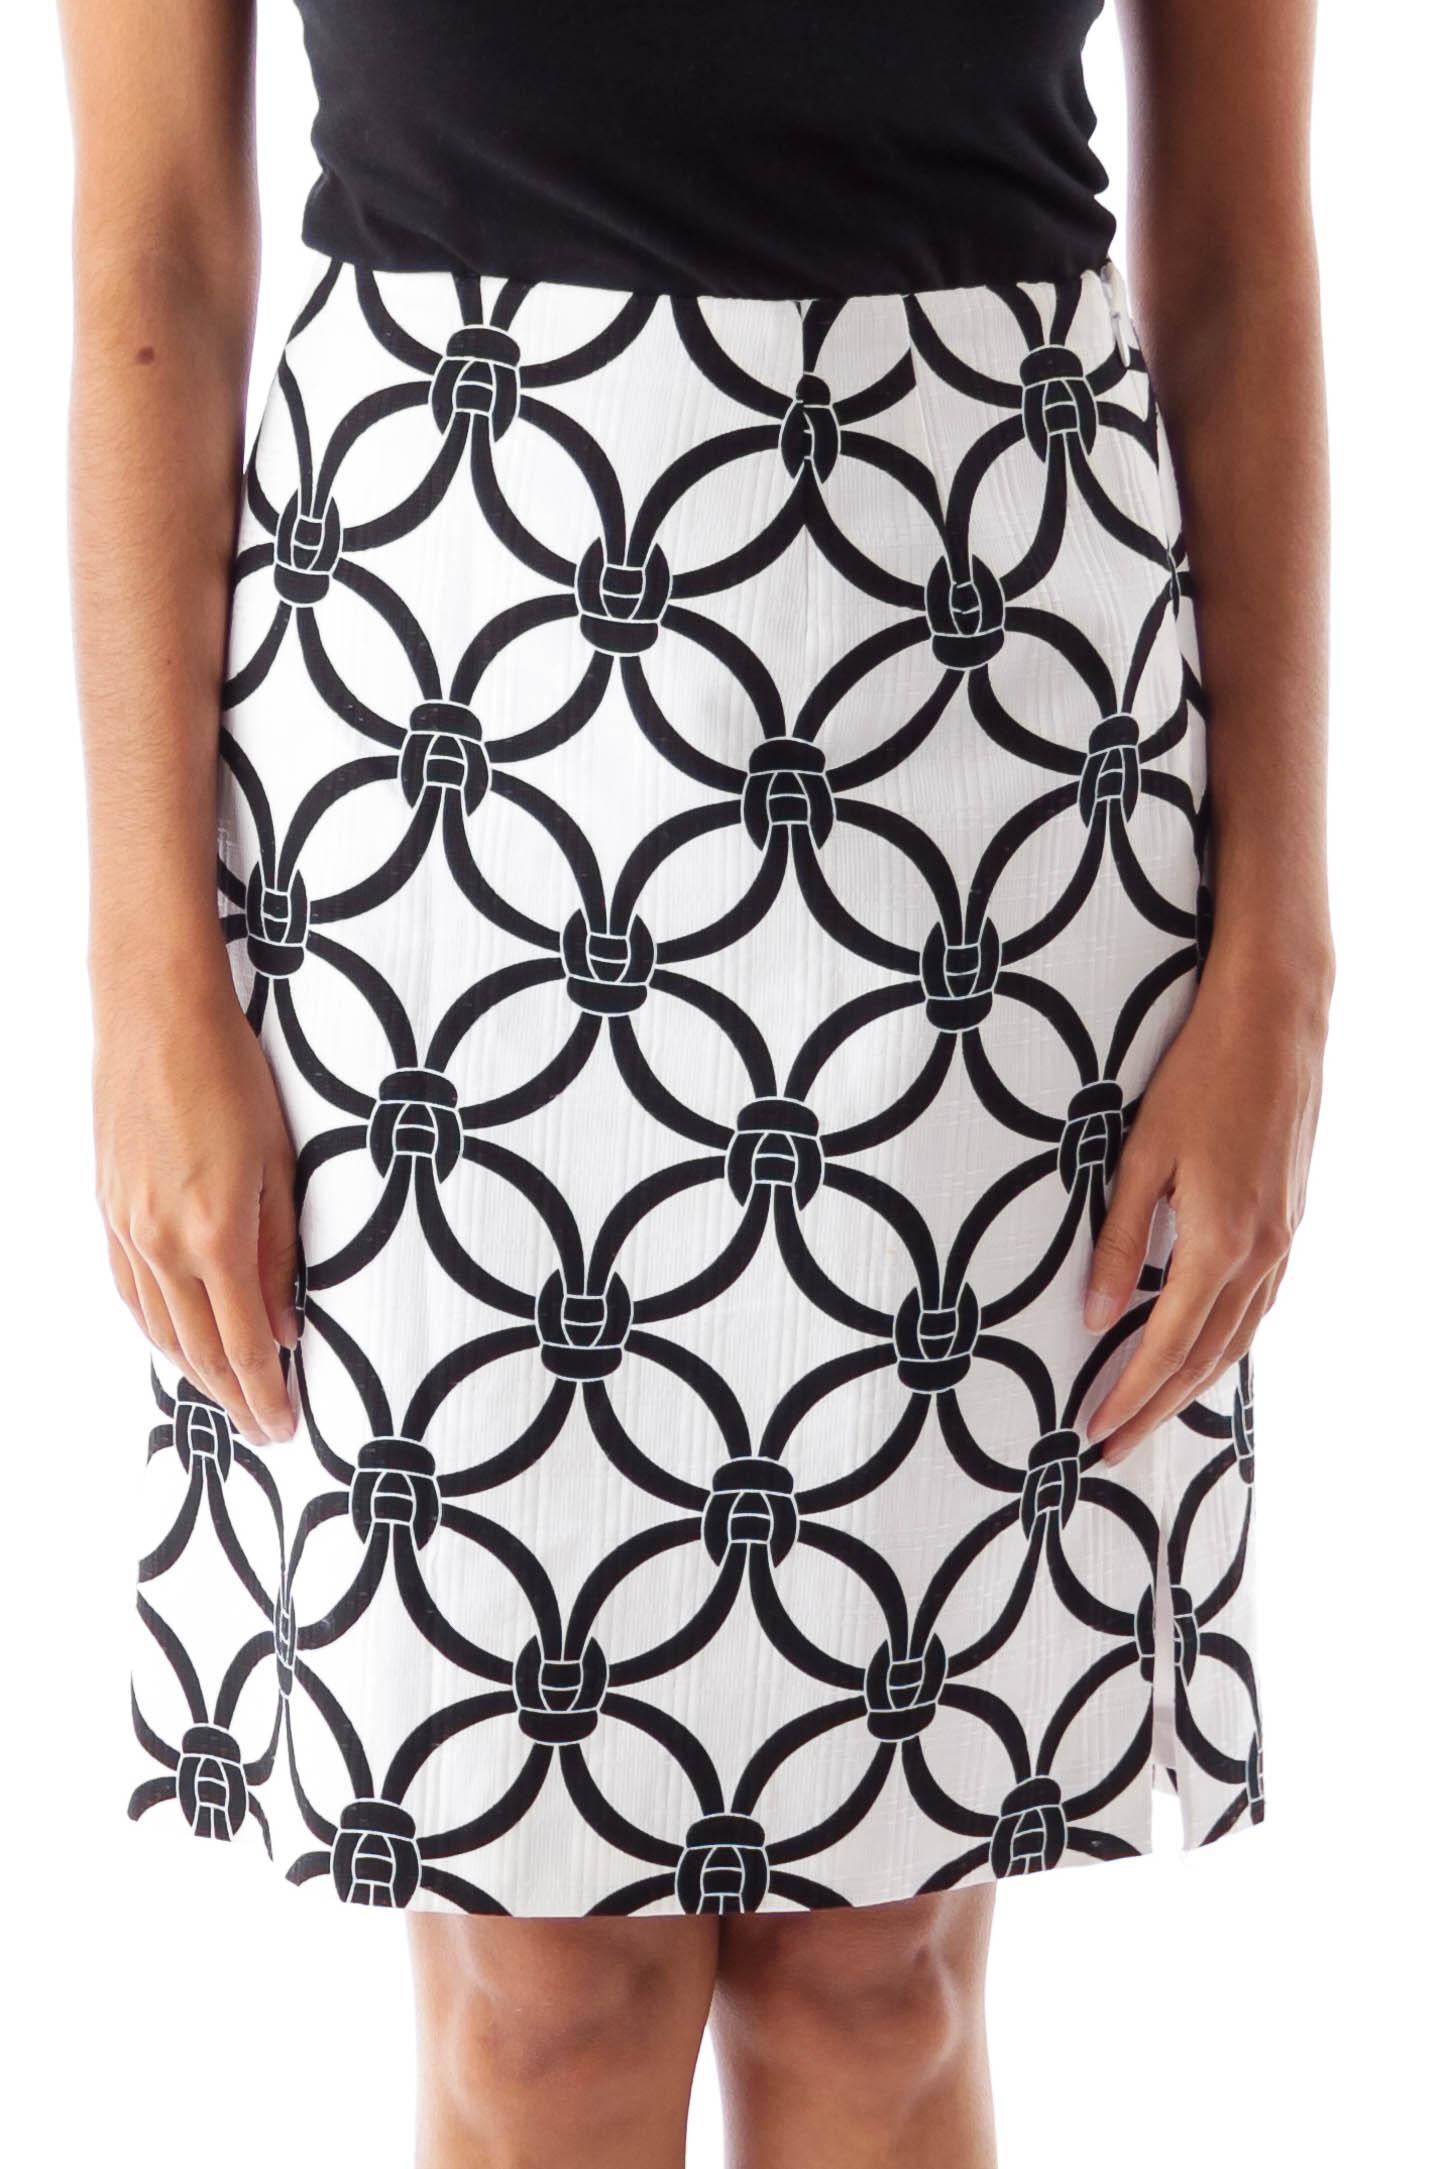 Black & White Chain Print Skirt